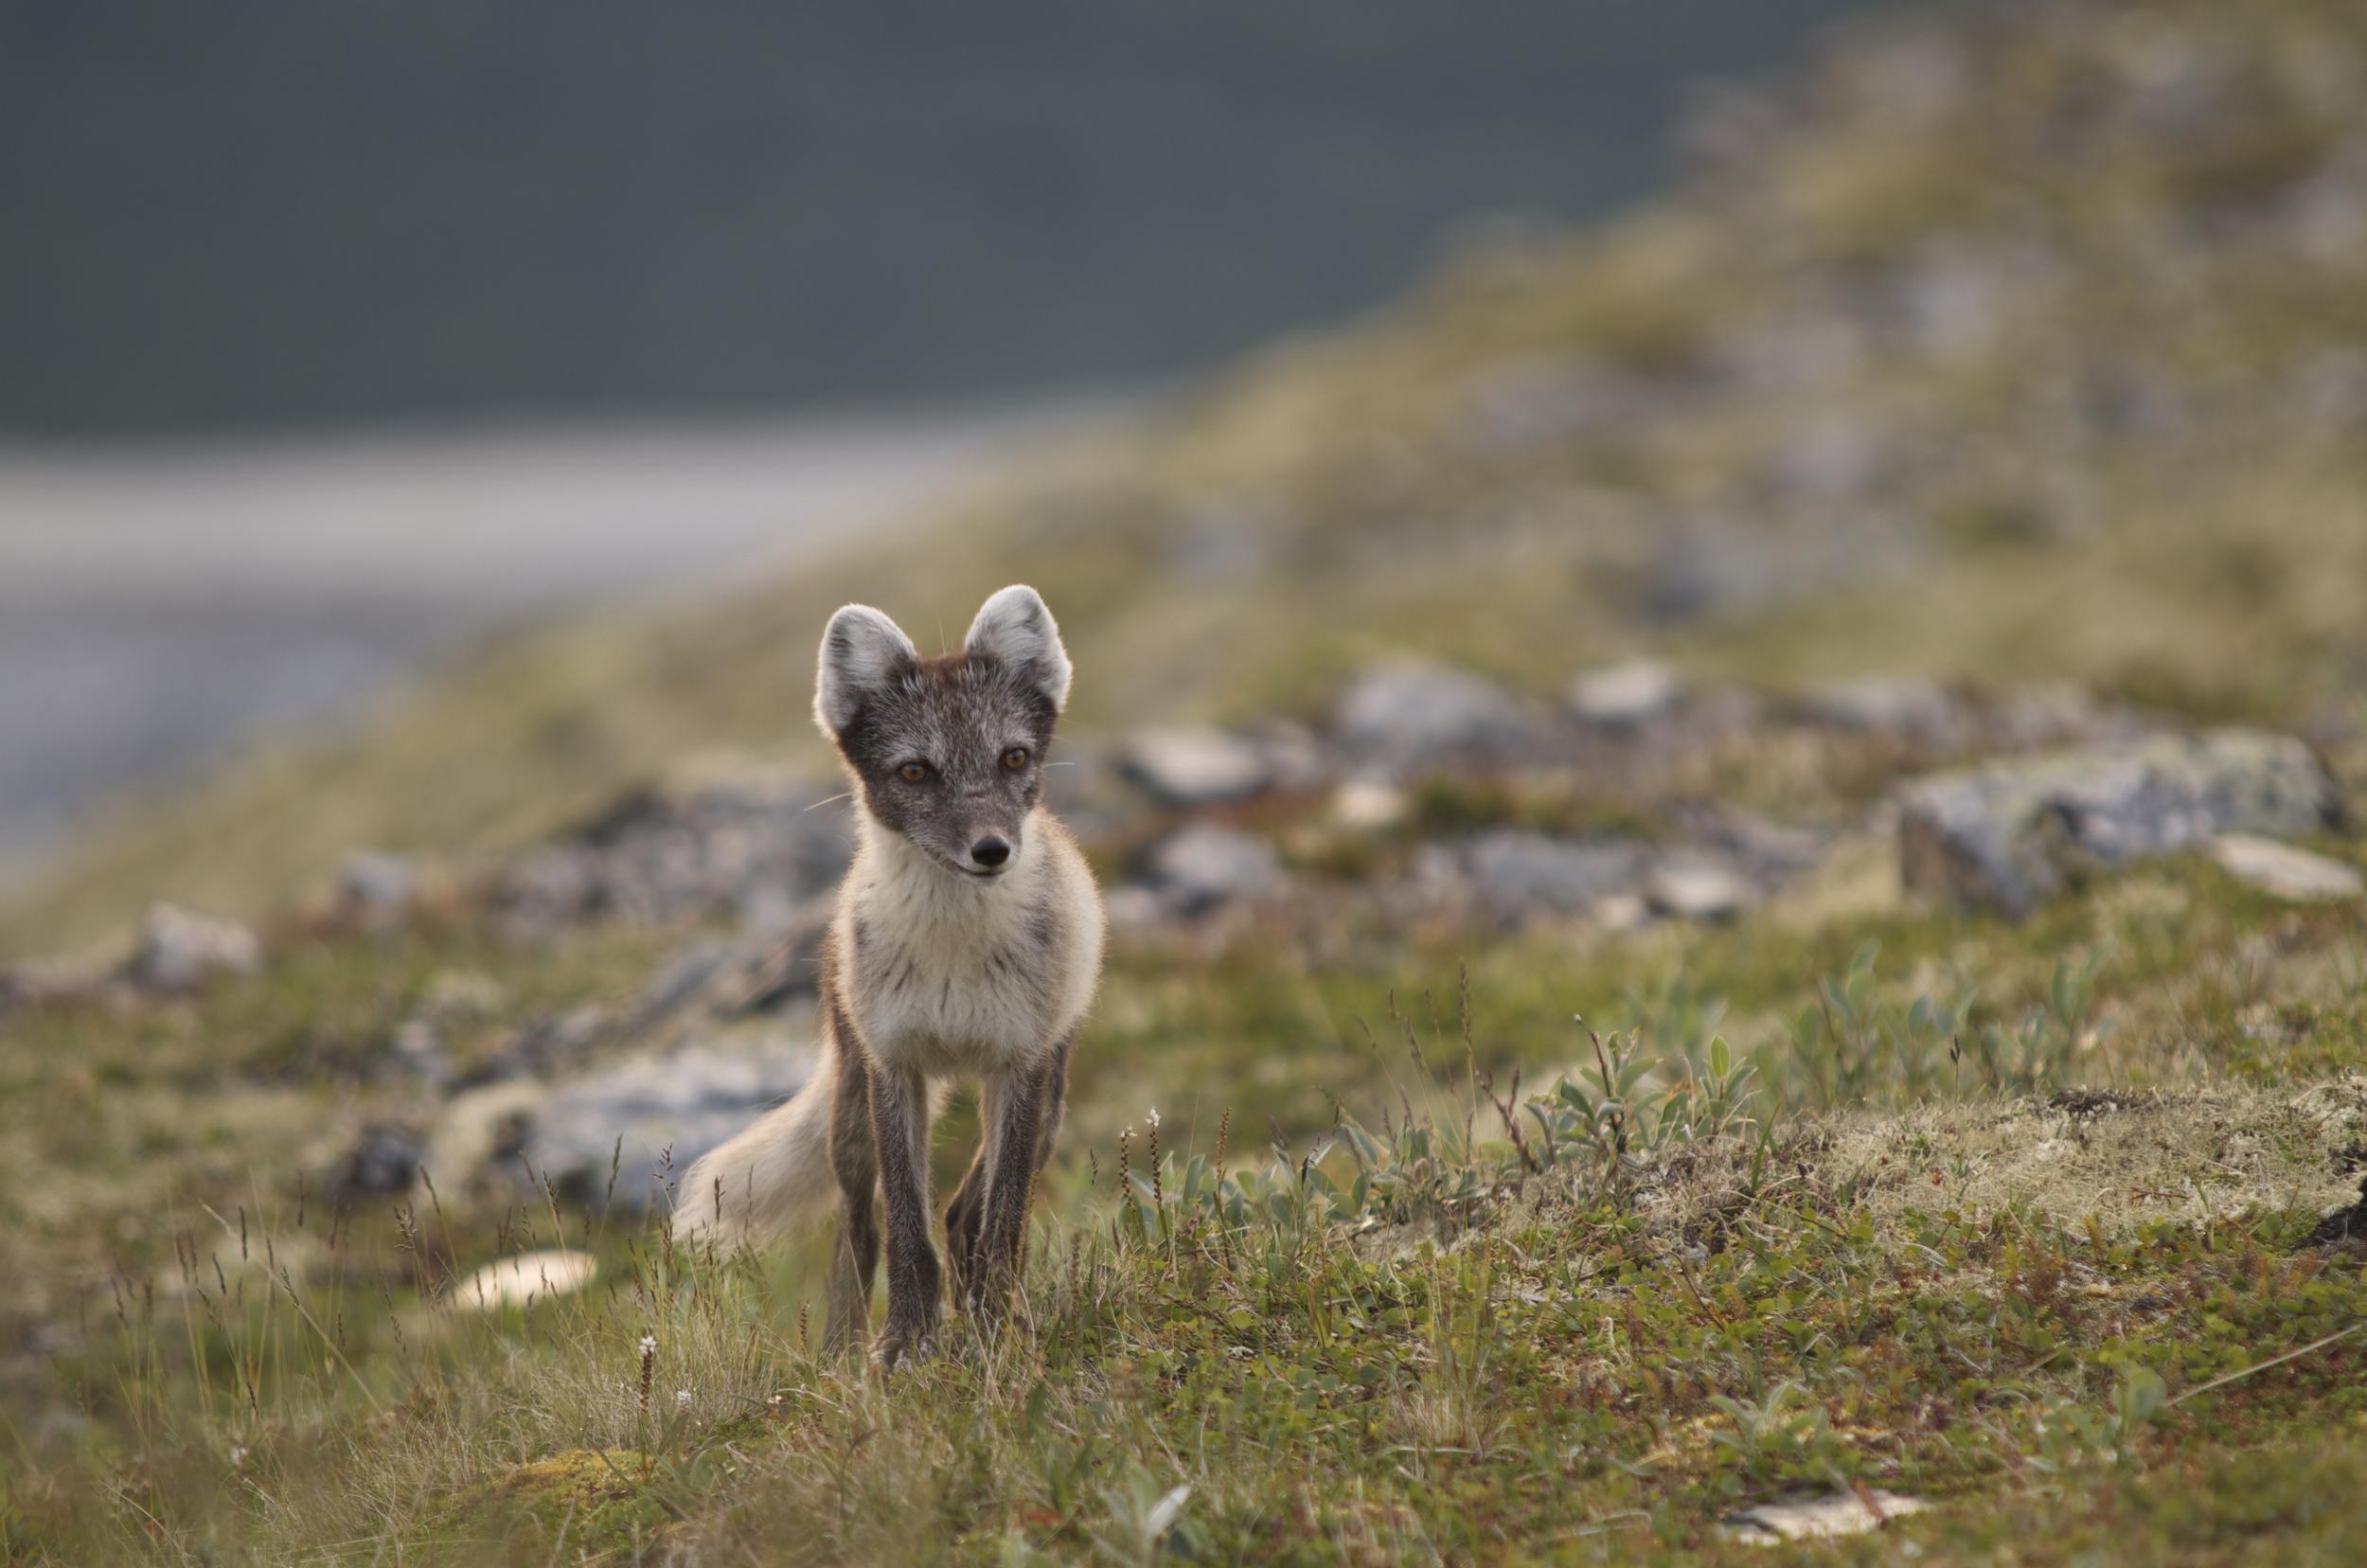 Fjellreven er på vei tilbake i norsk natur. Foto: Anne-Mathilde Thierry/NINA.